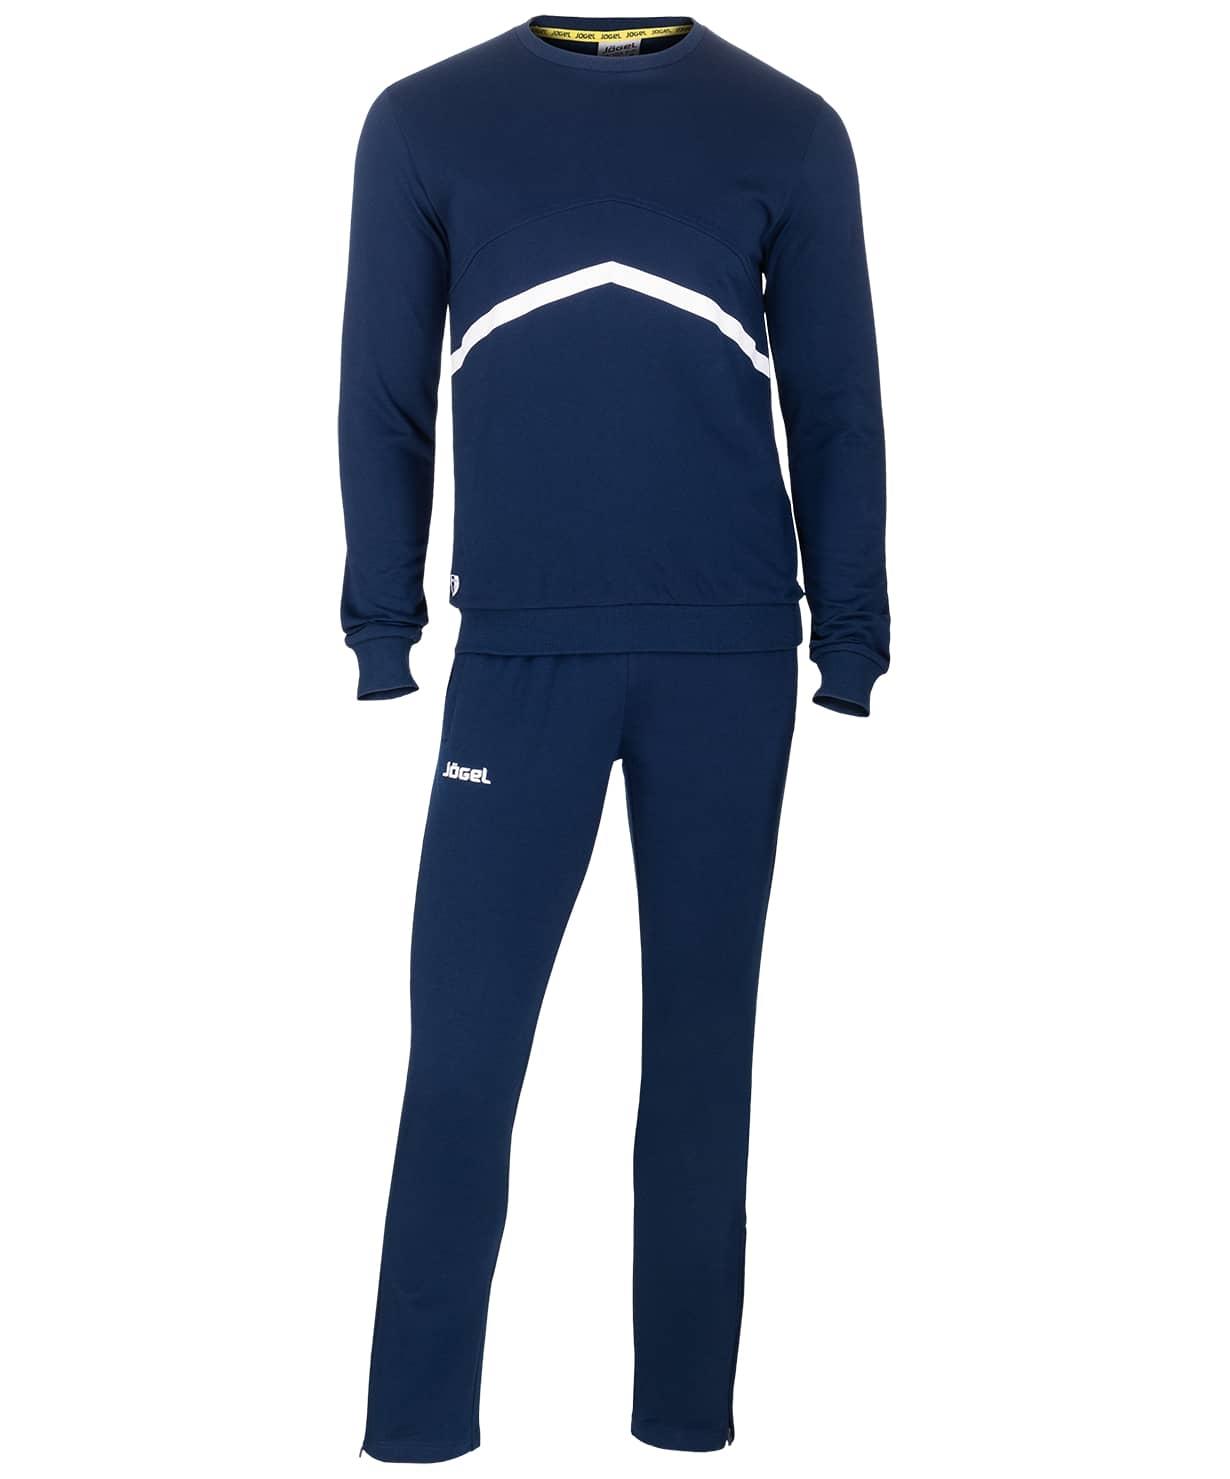 Тренировочный костюм JCS-4201-091, хлопок, темно-синий/белый